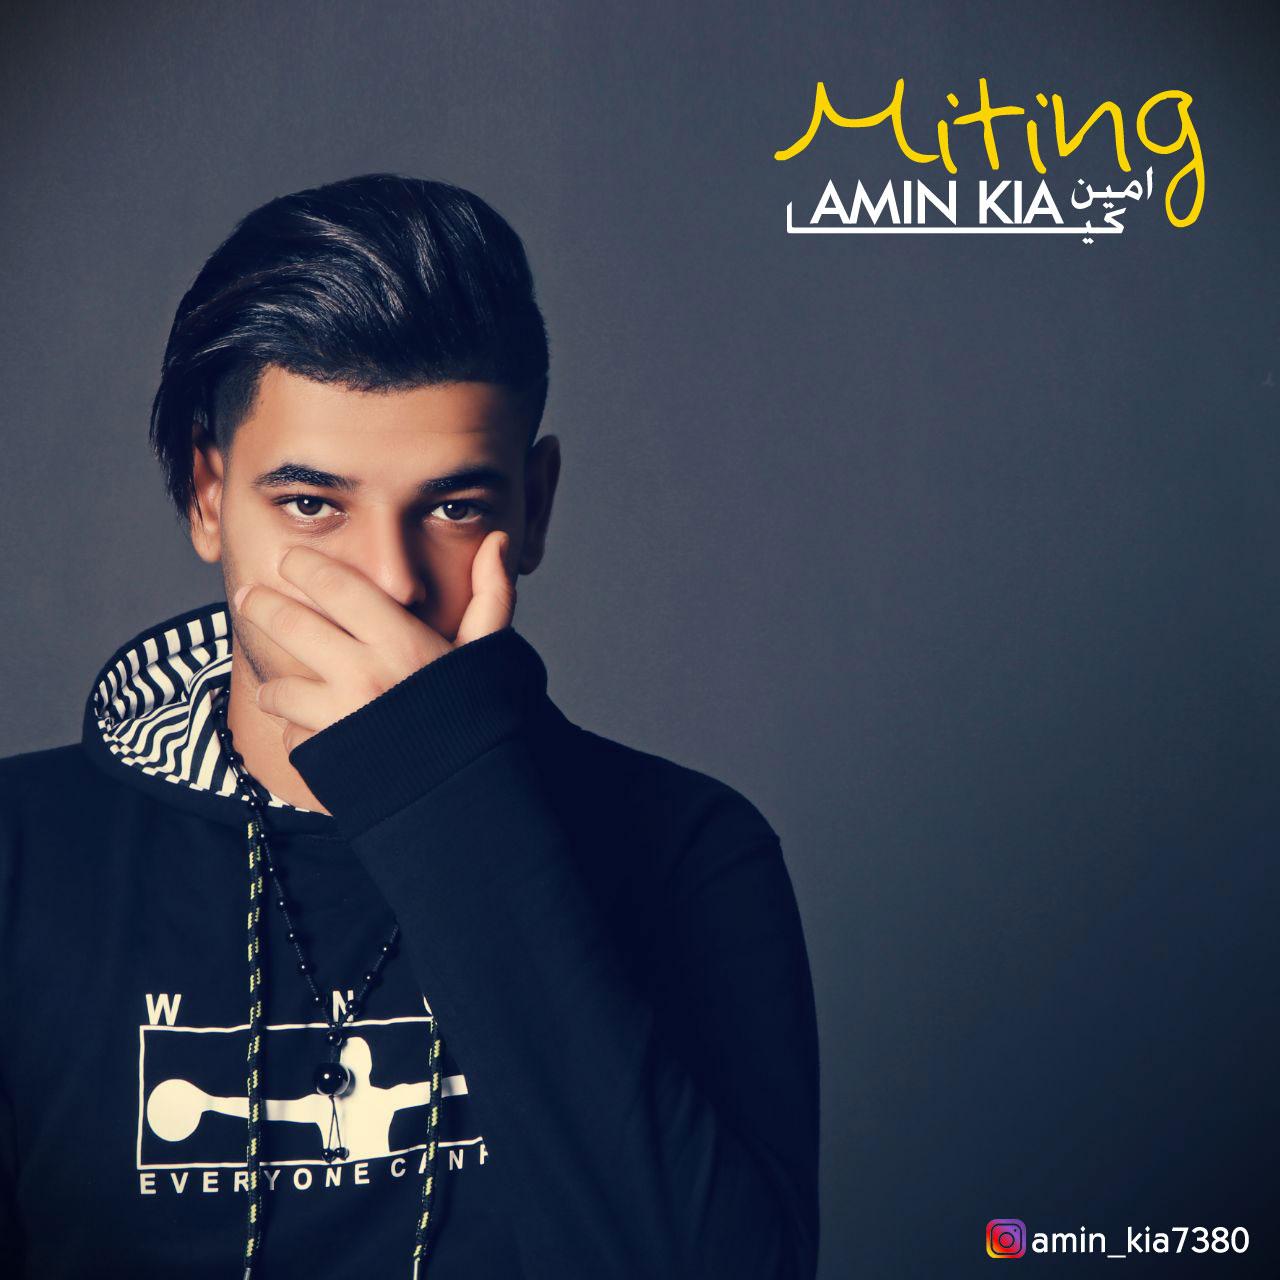 Amin Kia – Miting